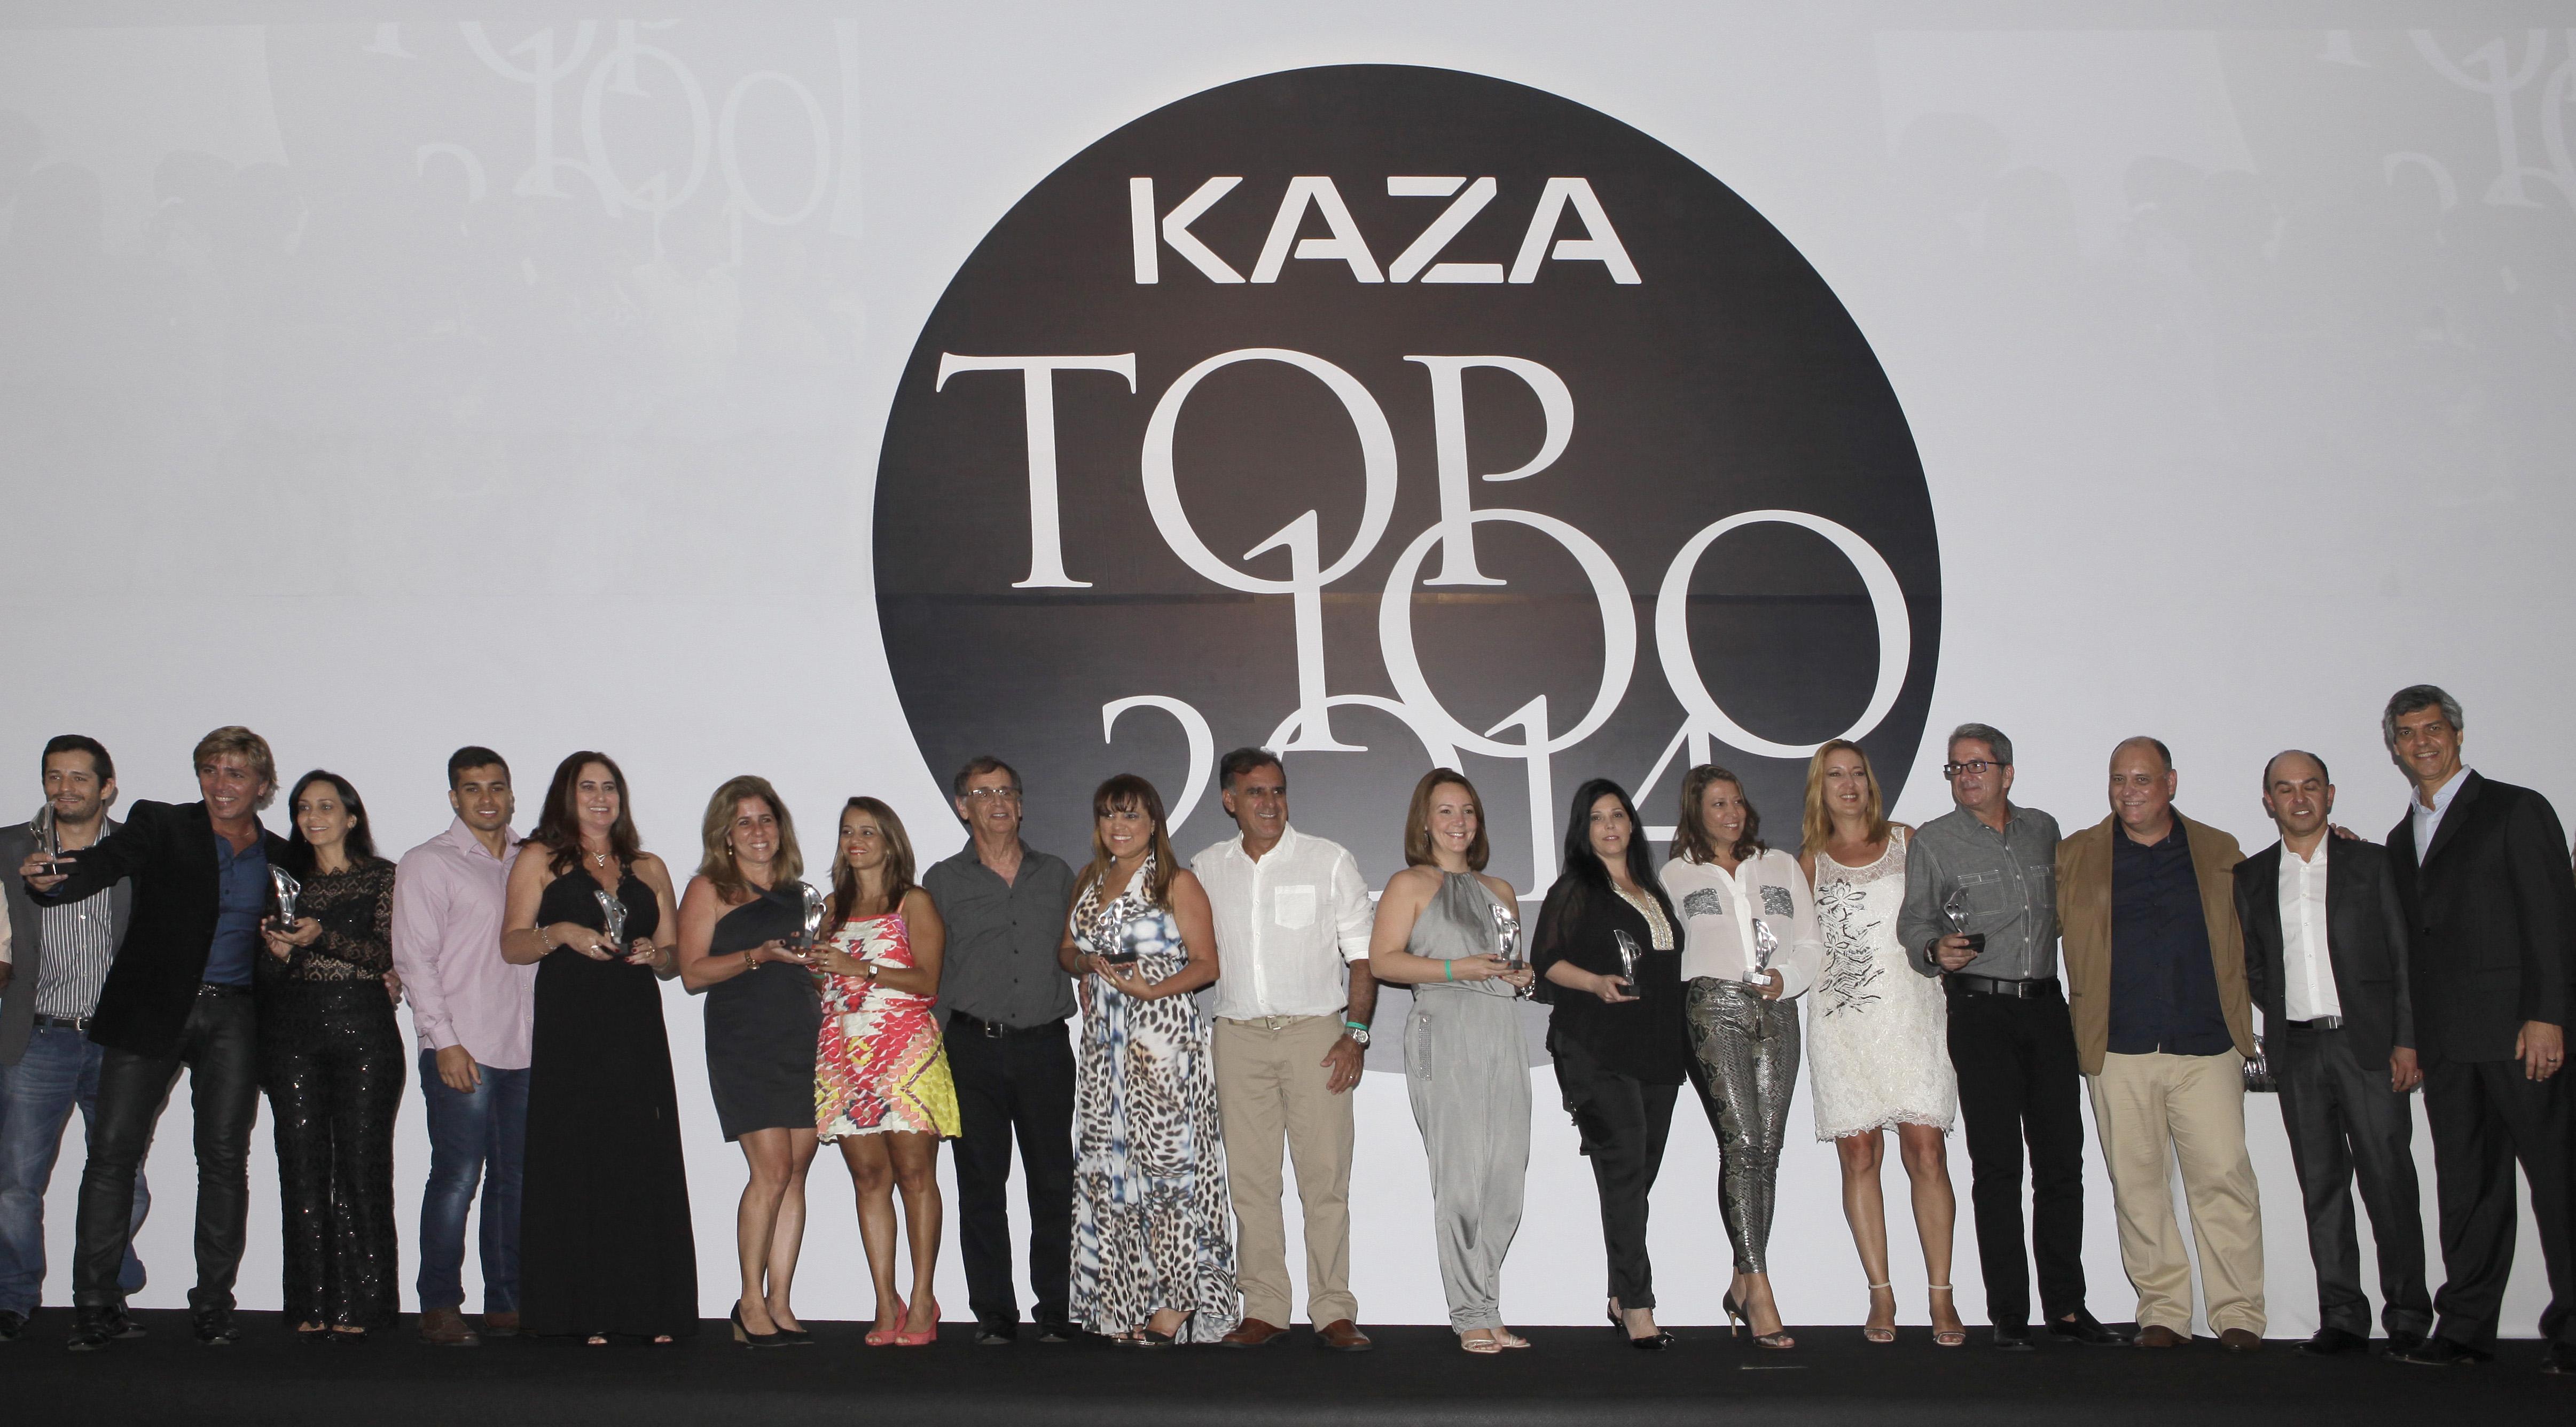 Profissionais do Cadn Niterói são premiados no TOP 100 da Revista Kaza